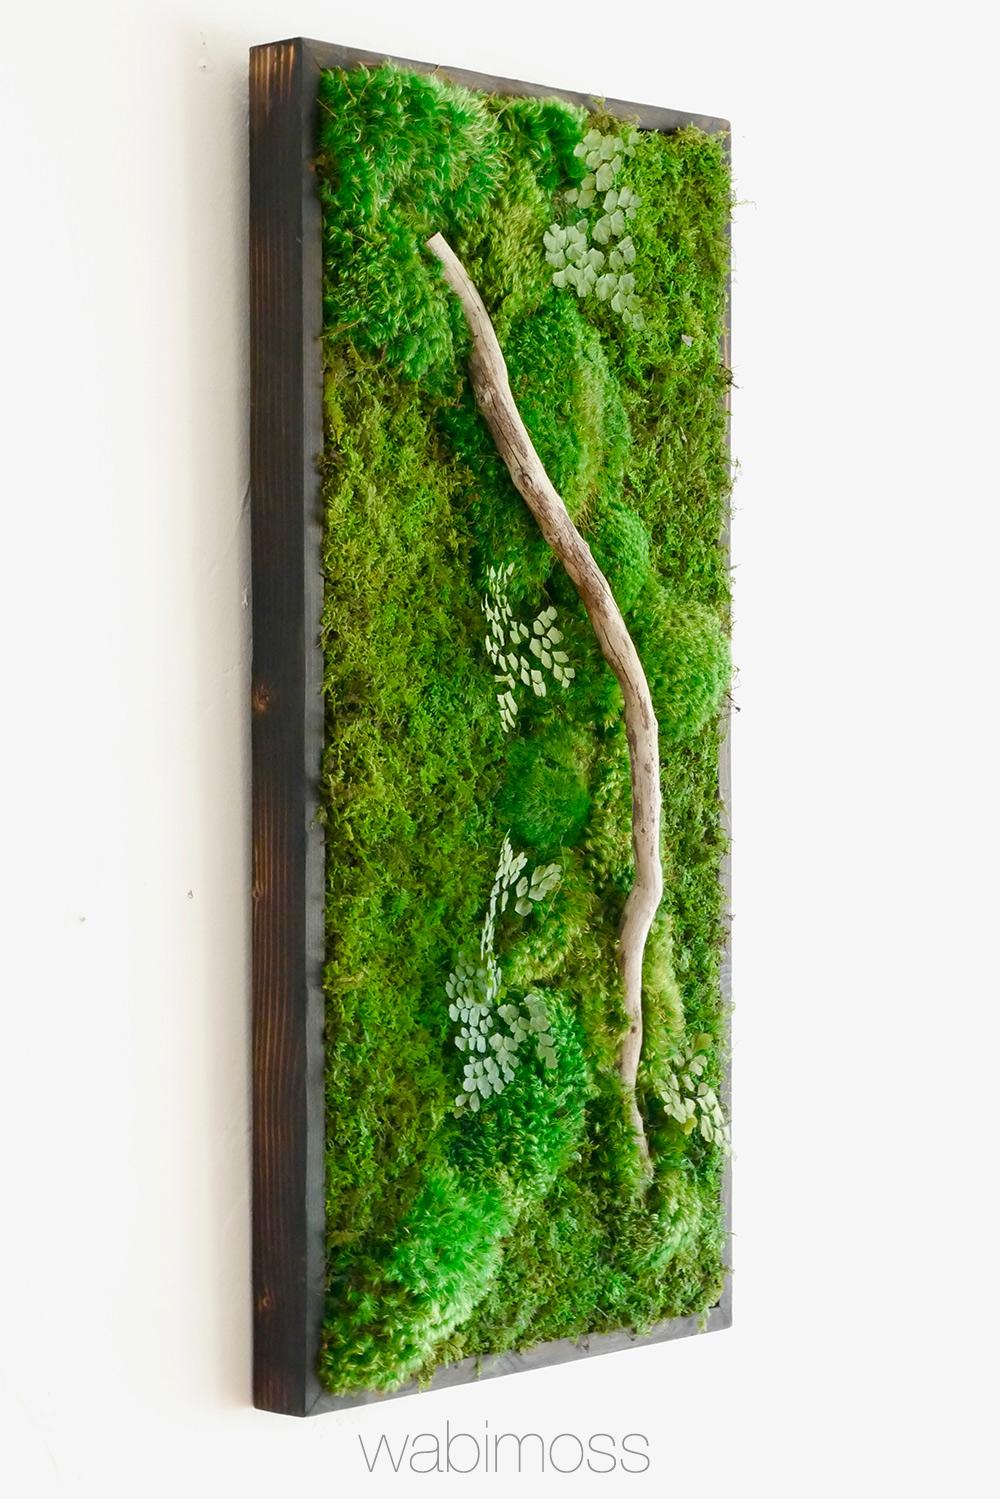 Moss Wall Art 36x18 With Driftwood Wabimoss